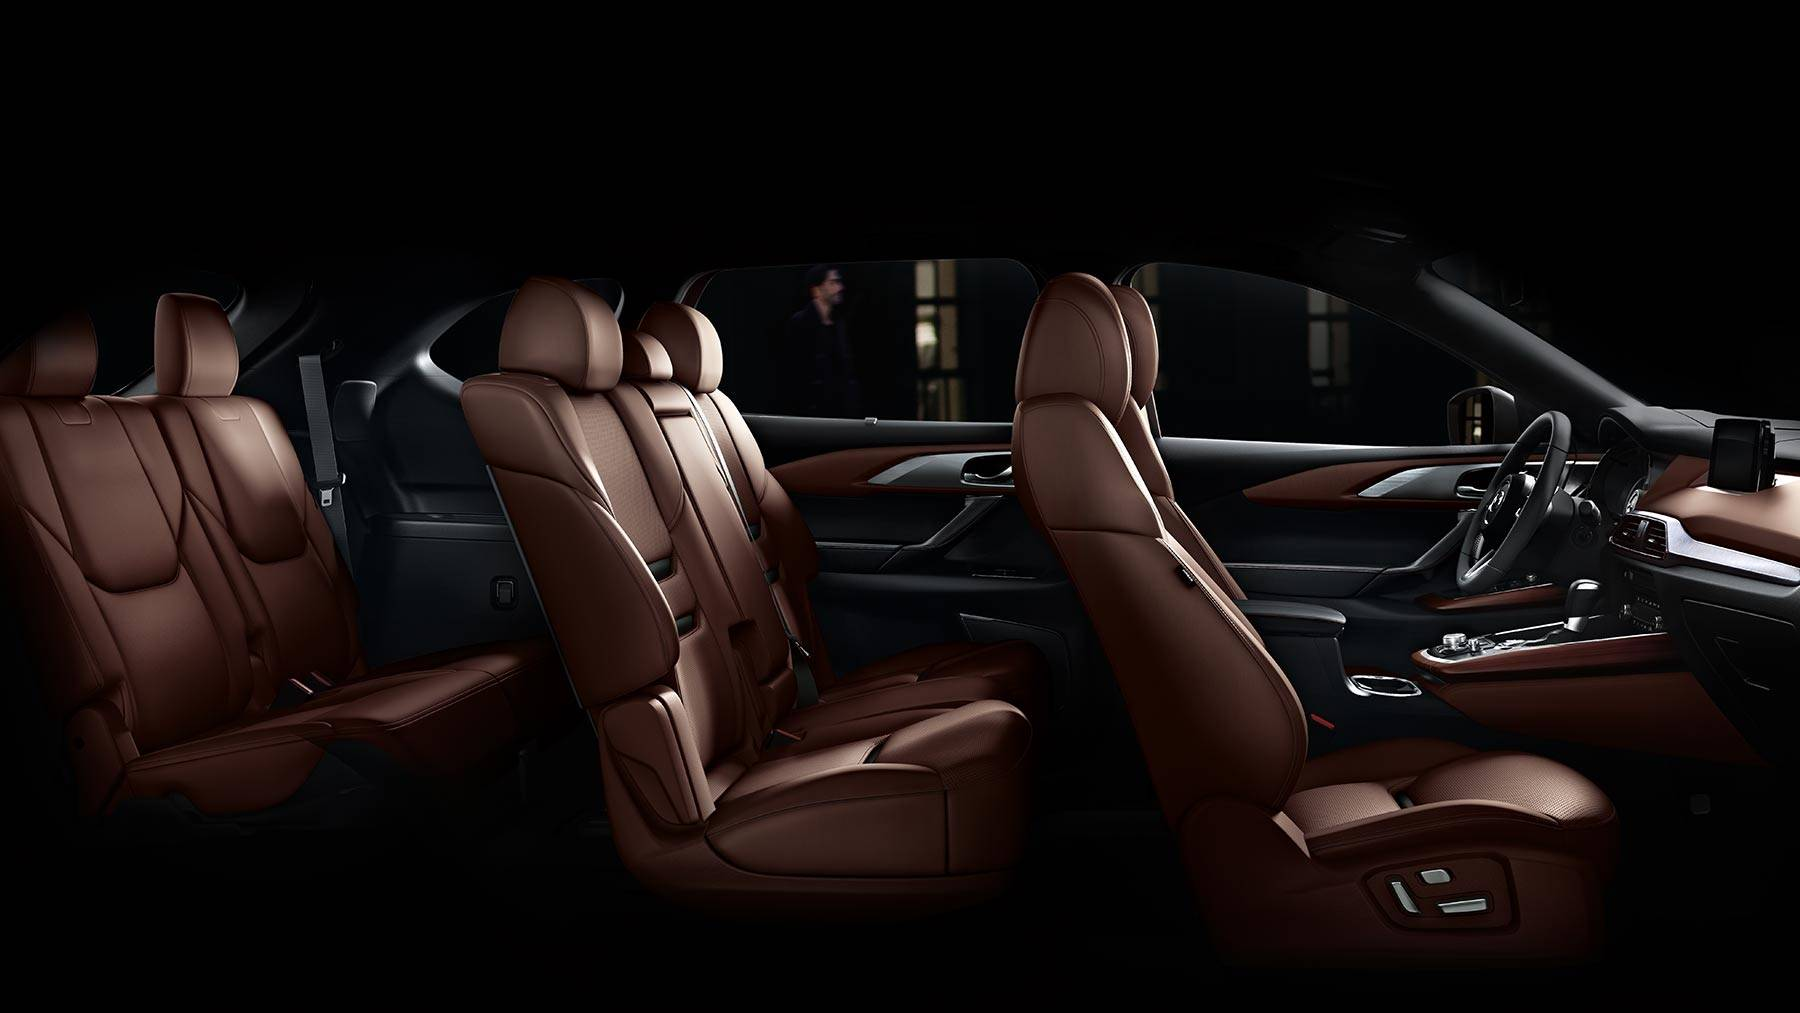 Interior of the 2019 Mazda CX-9